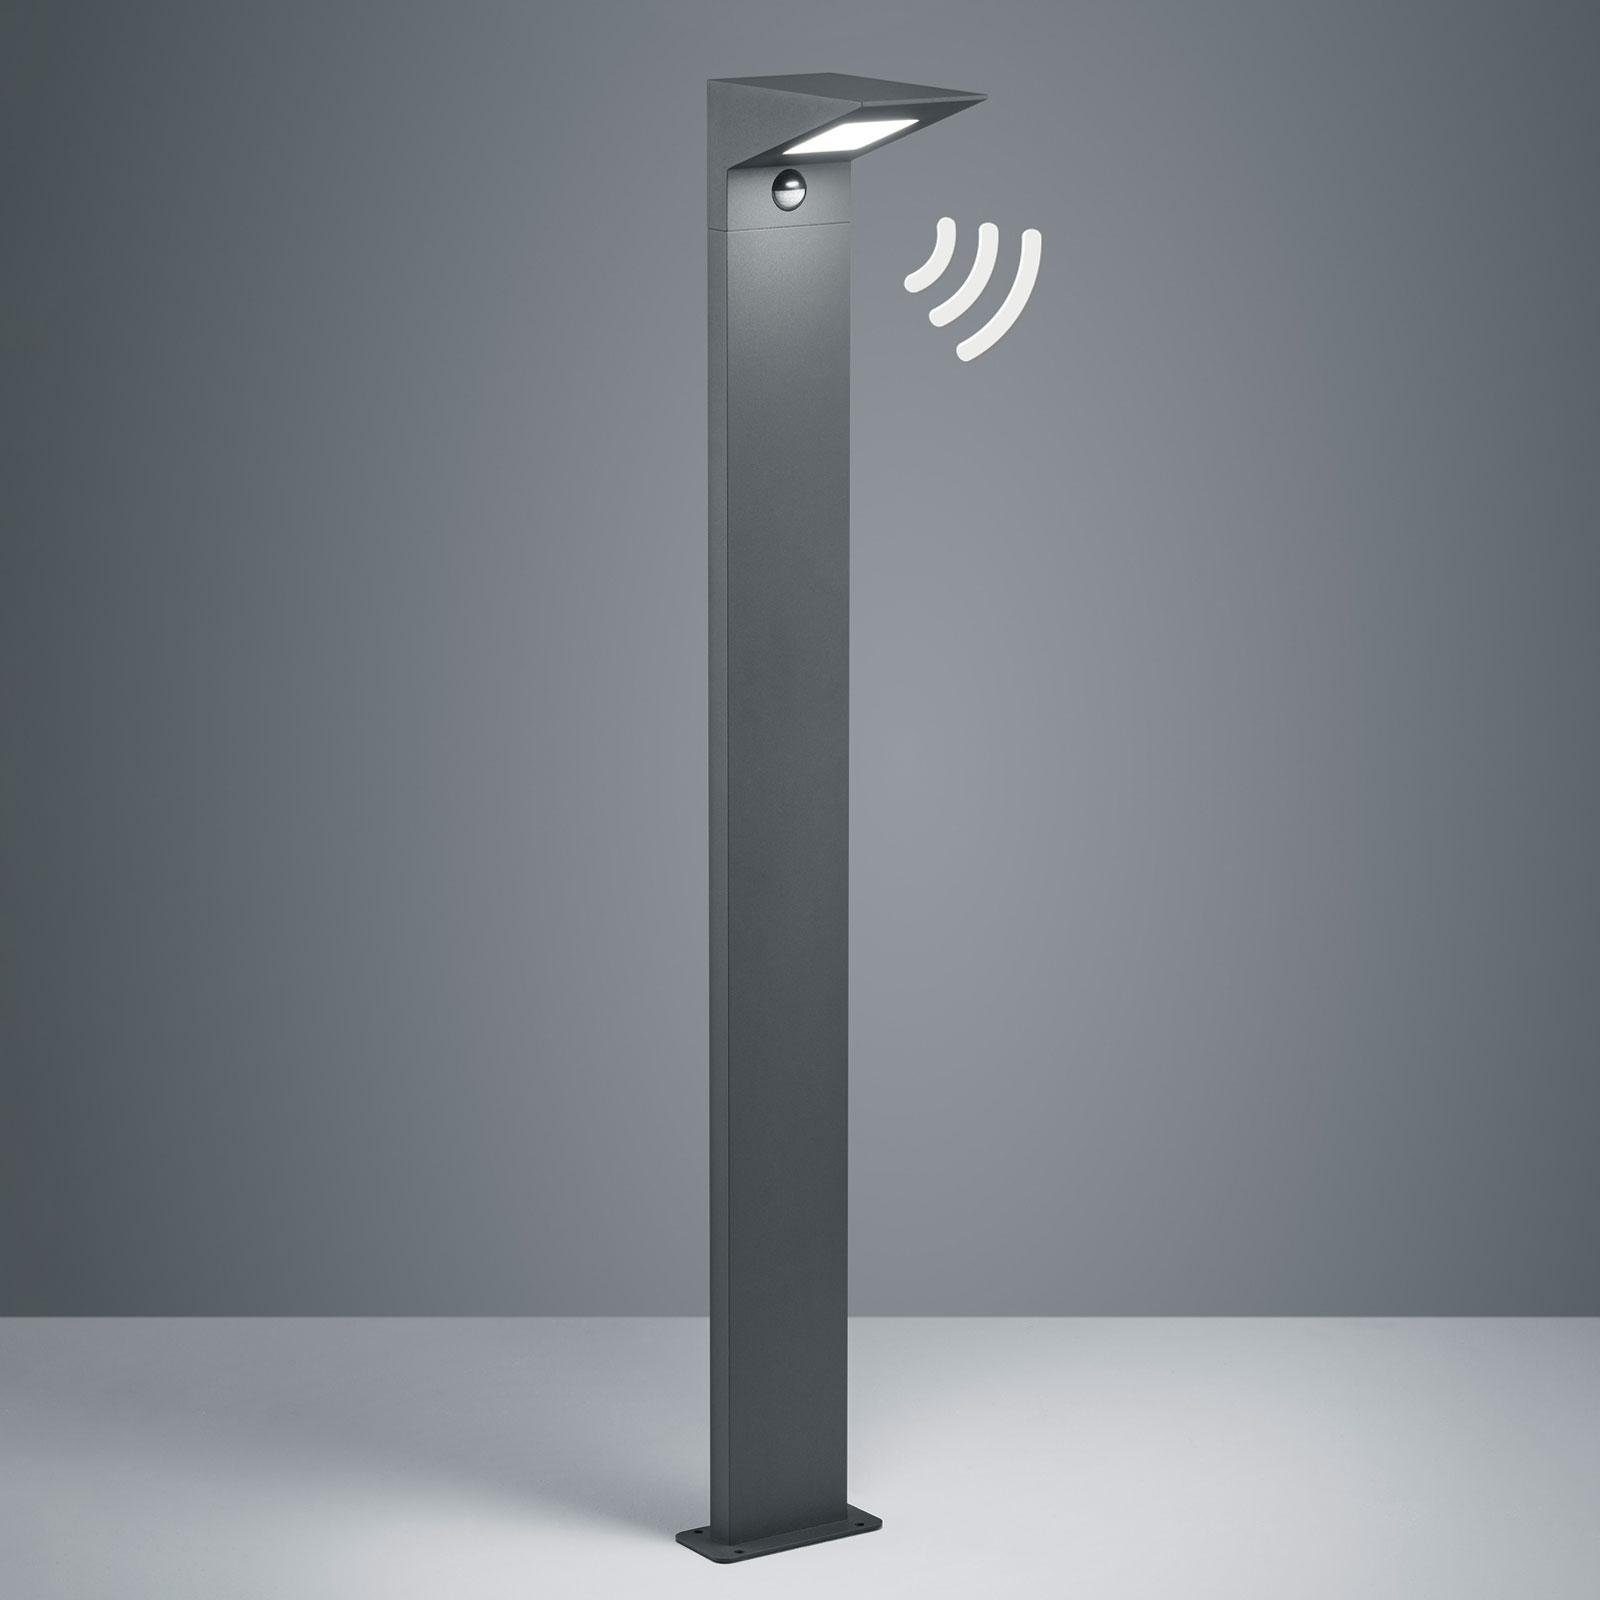 Borne lumineuse LED Nelson, hauteur 100cm capteur